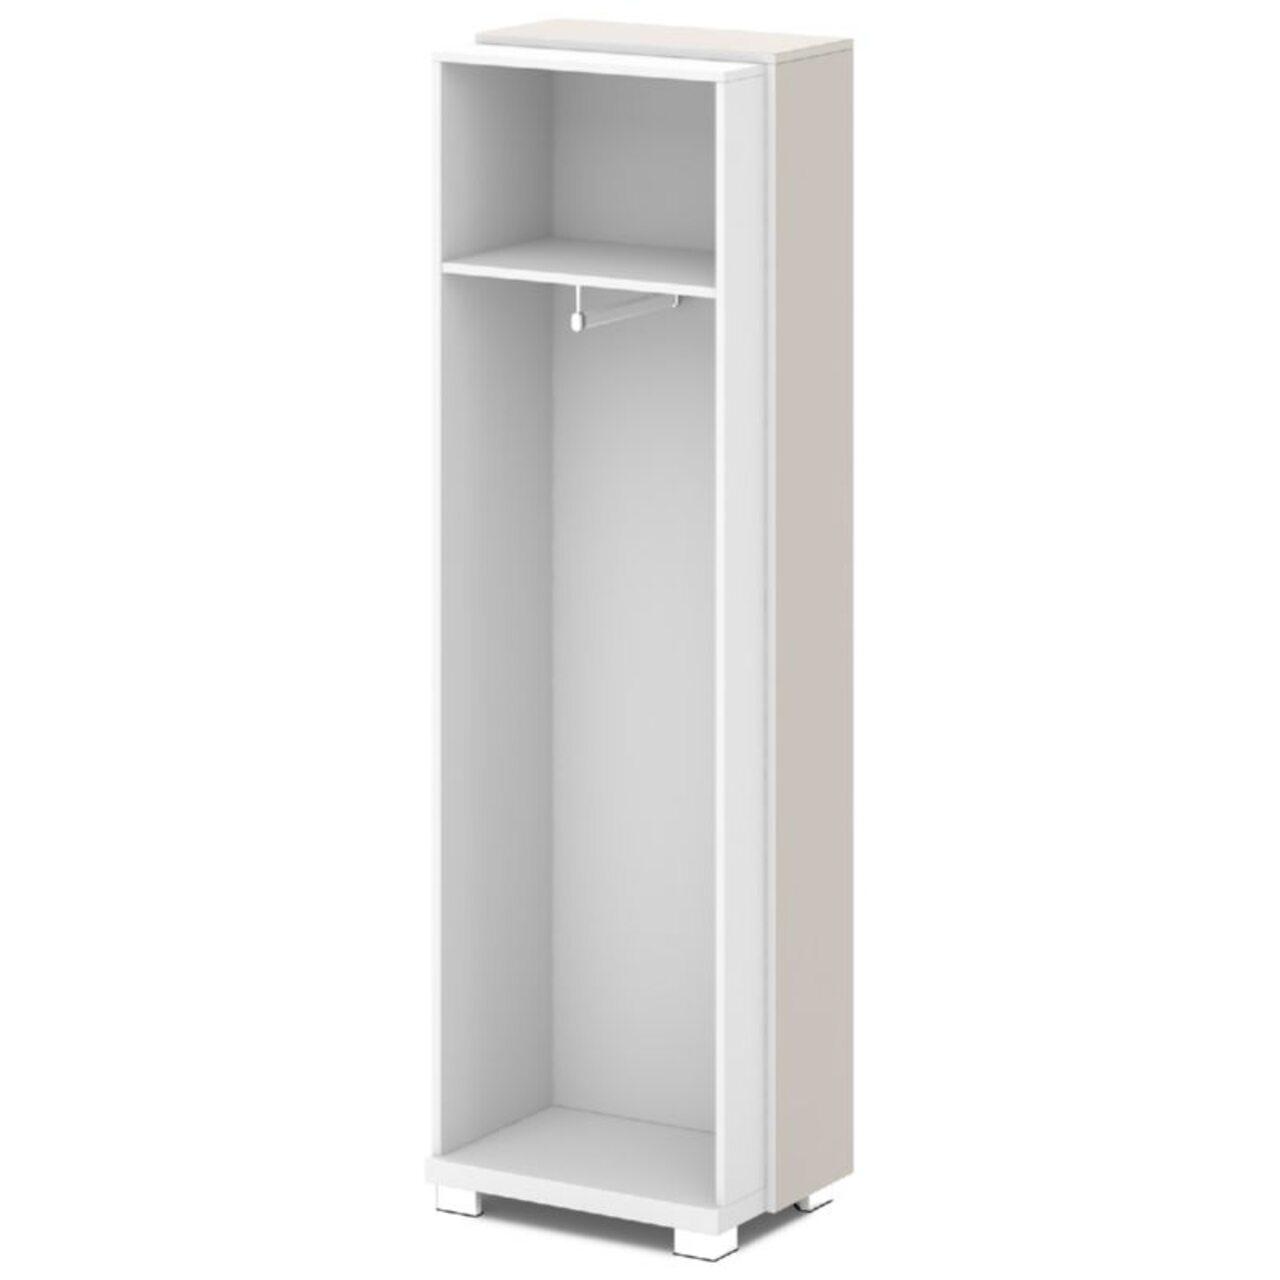 Каркас шкафа для одежды крайний  GRACE 62x44x205 - фото 7